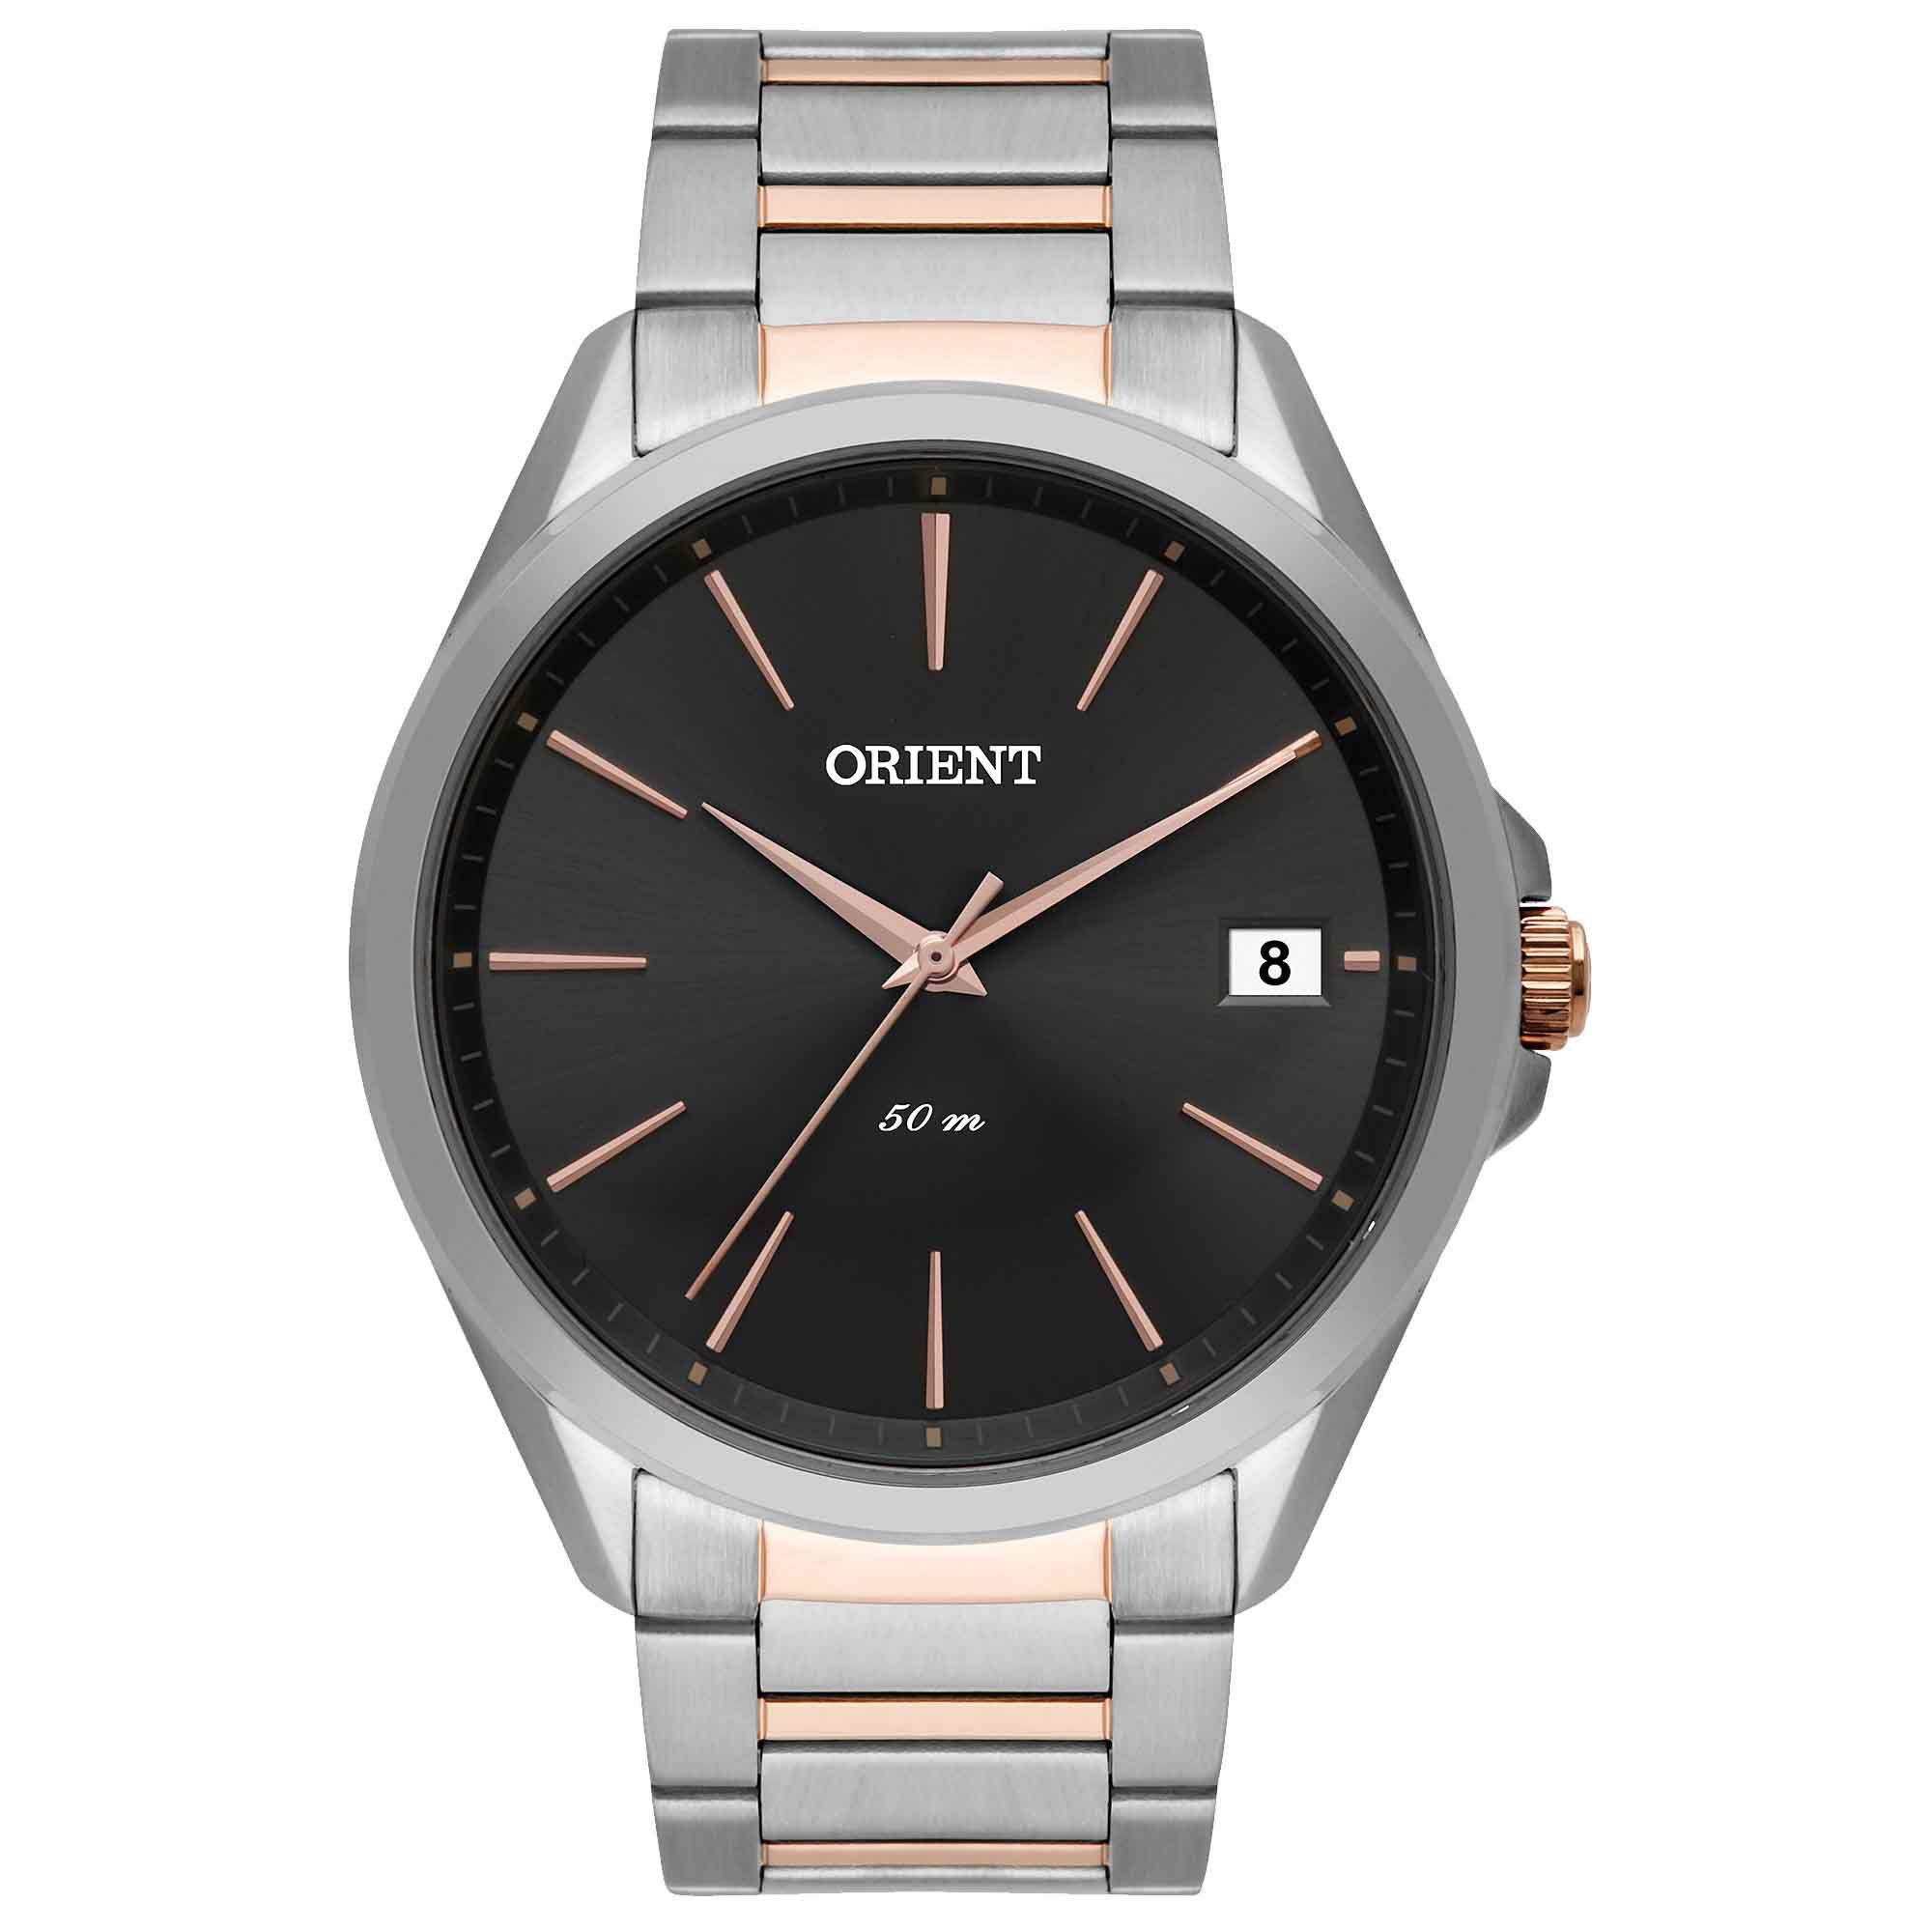 Relógio Masculino Orient MTSS1100 G1SR